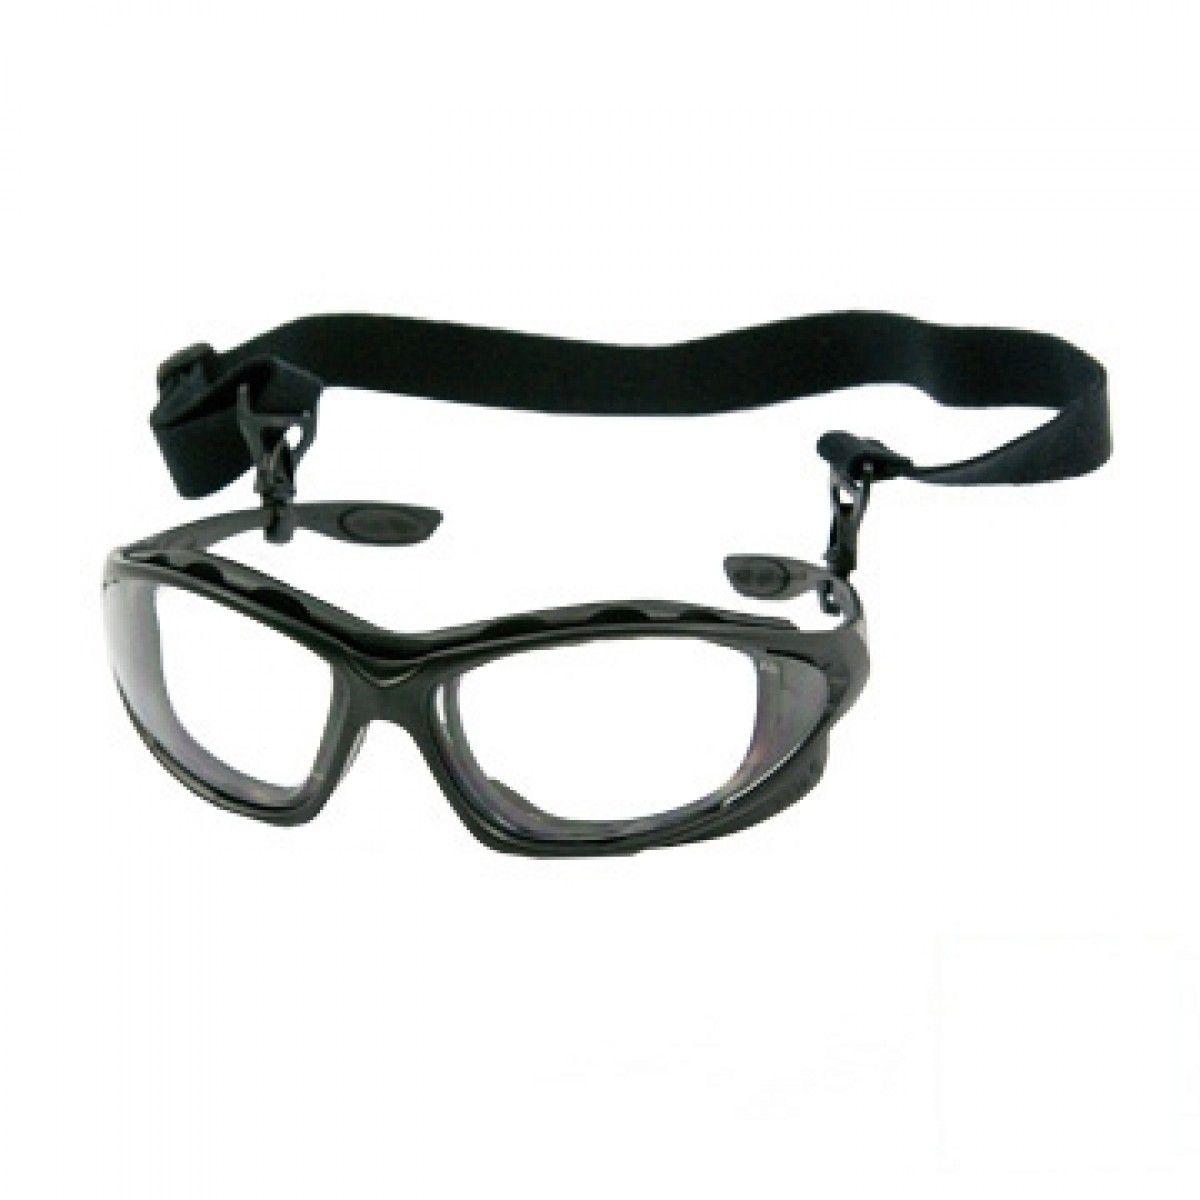 5aba032bedf3f Confira nossa linha completa em Óculos Proteção Honeywell S0600X-BR ...